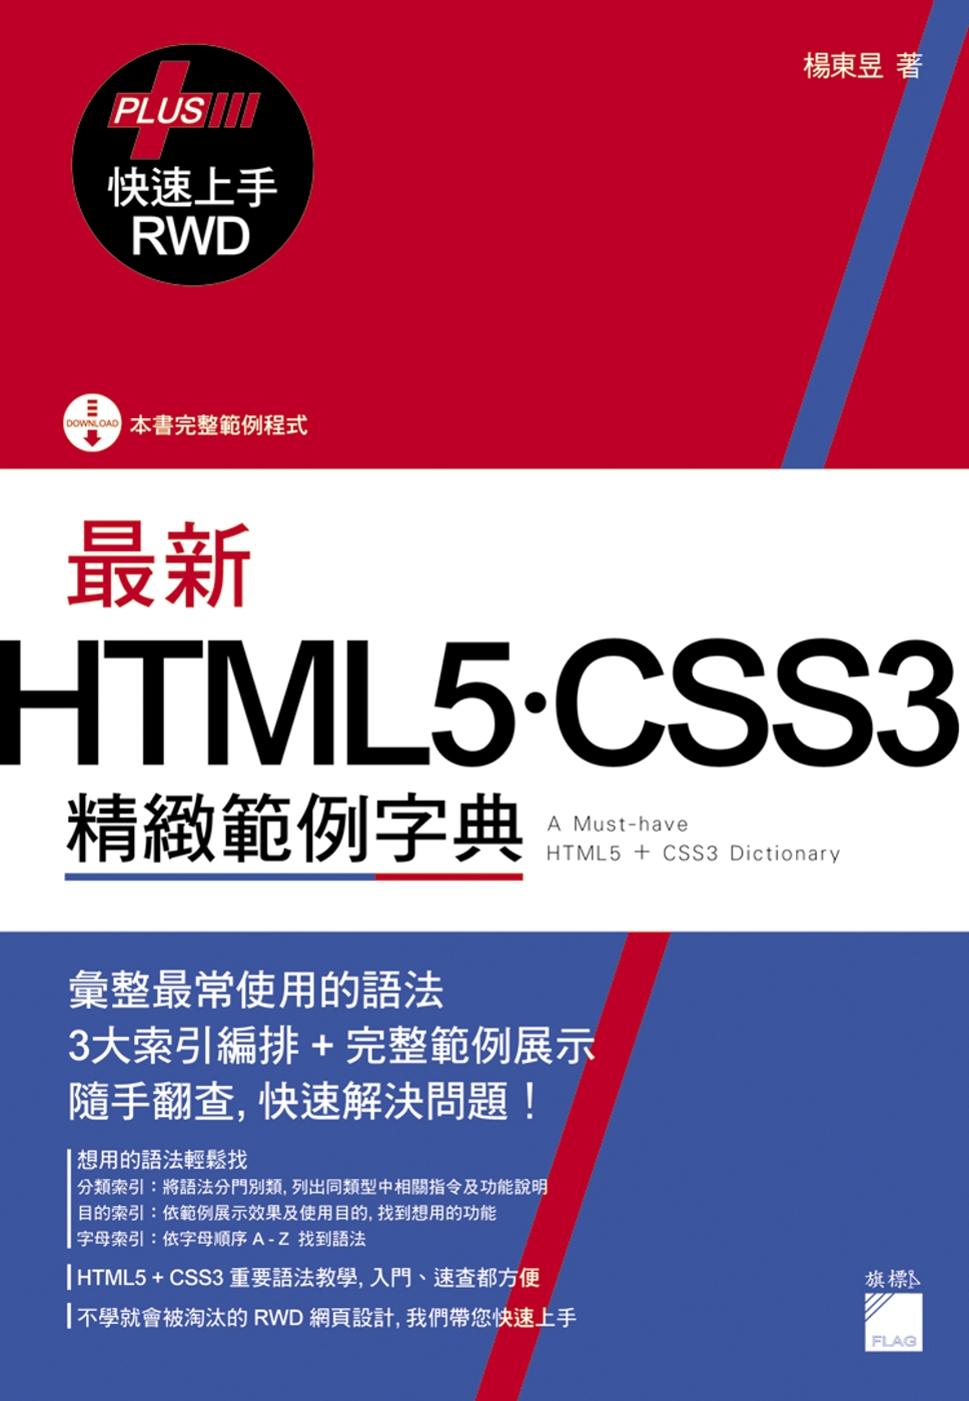 最新 HTML5.CSS3 精緻範例字典 (+ RWD 快速上手)